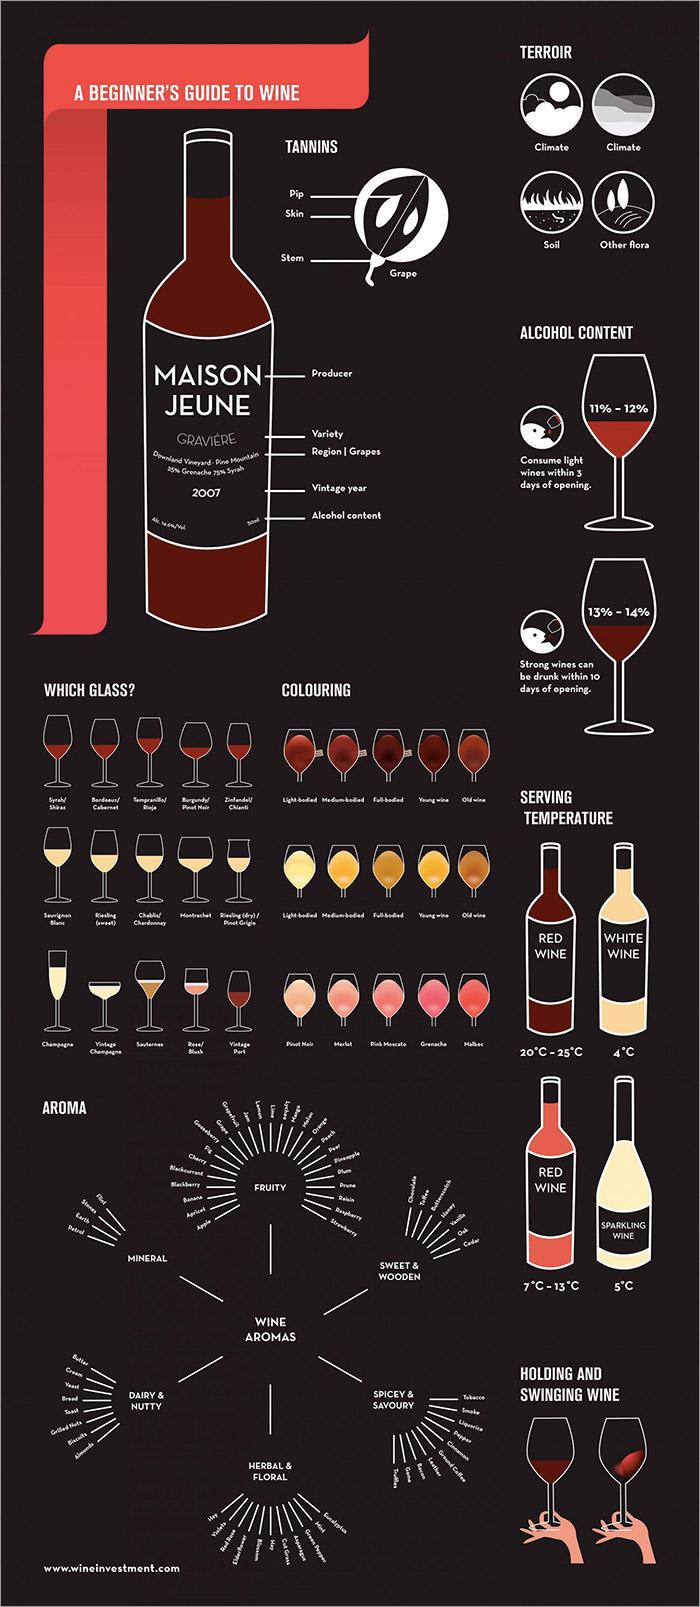 wine-beginner-guide